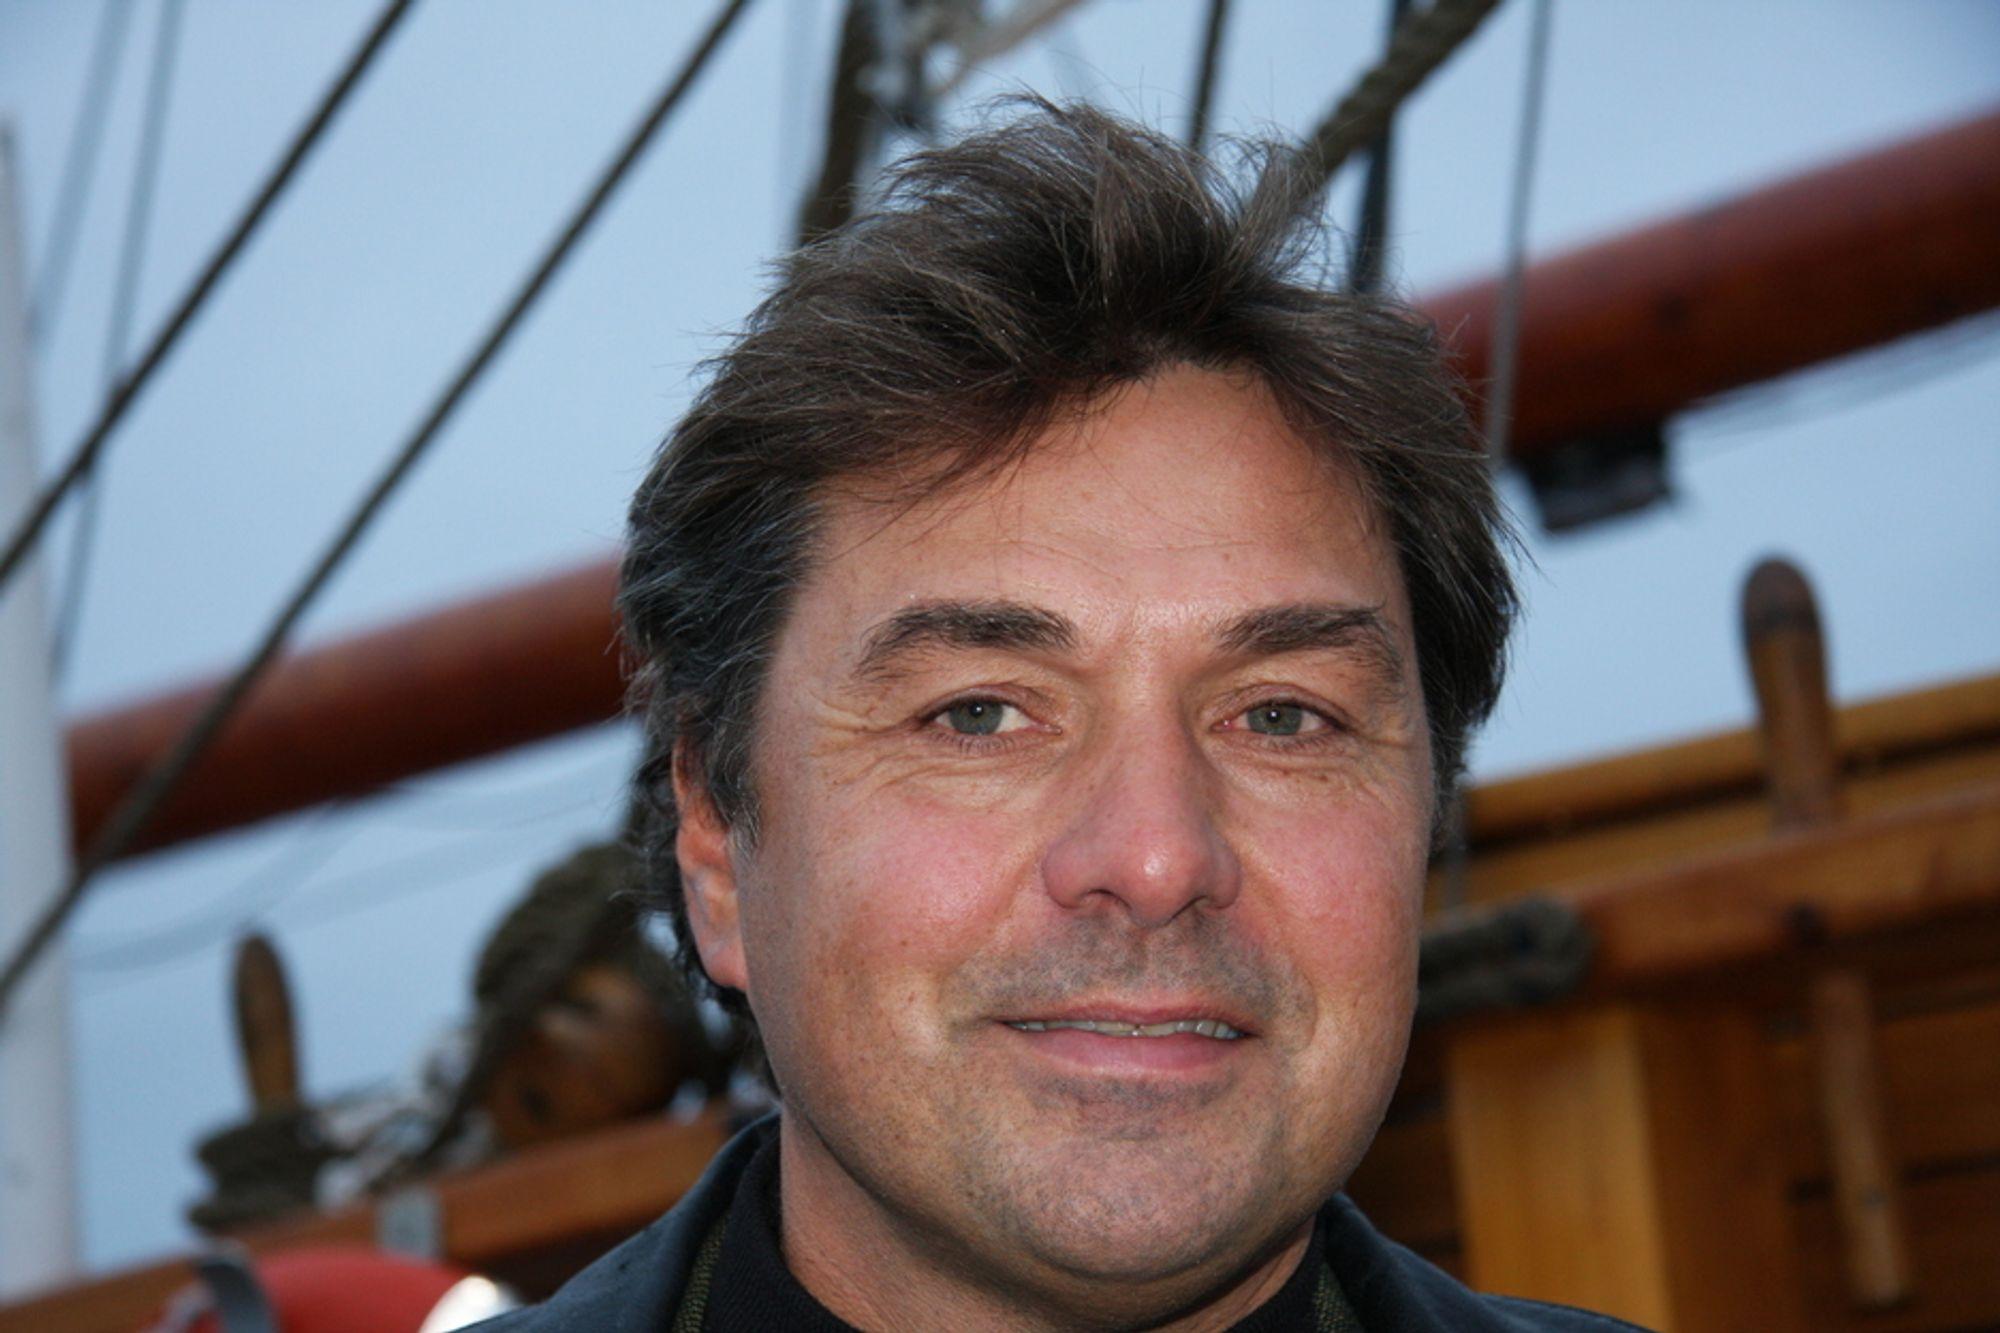 NYTTIG: Sjøfartsdirektør Olav Akselsen mener det nye faget er  matnyttig for alle som er interessert i sjørett og maritimt regelverk.